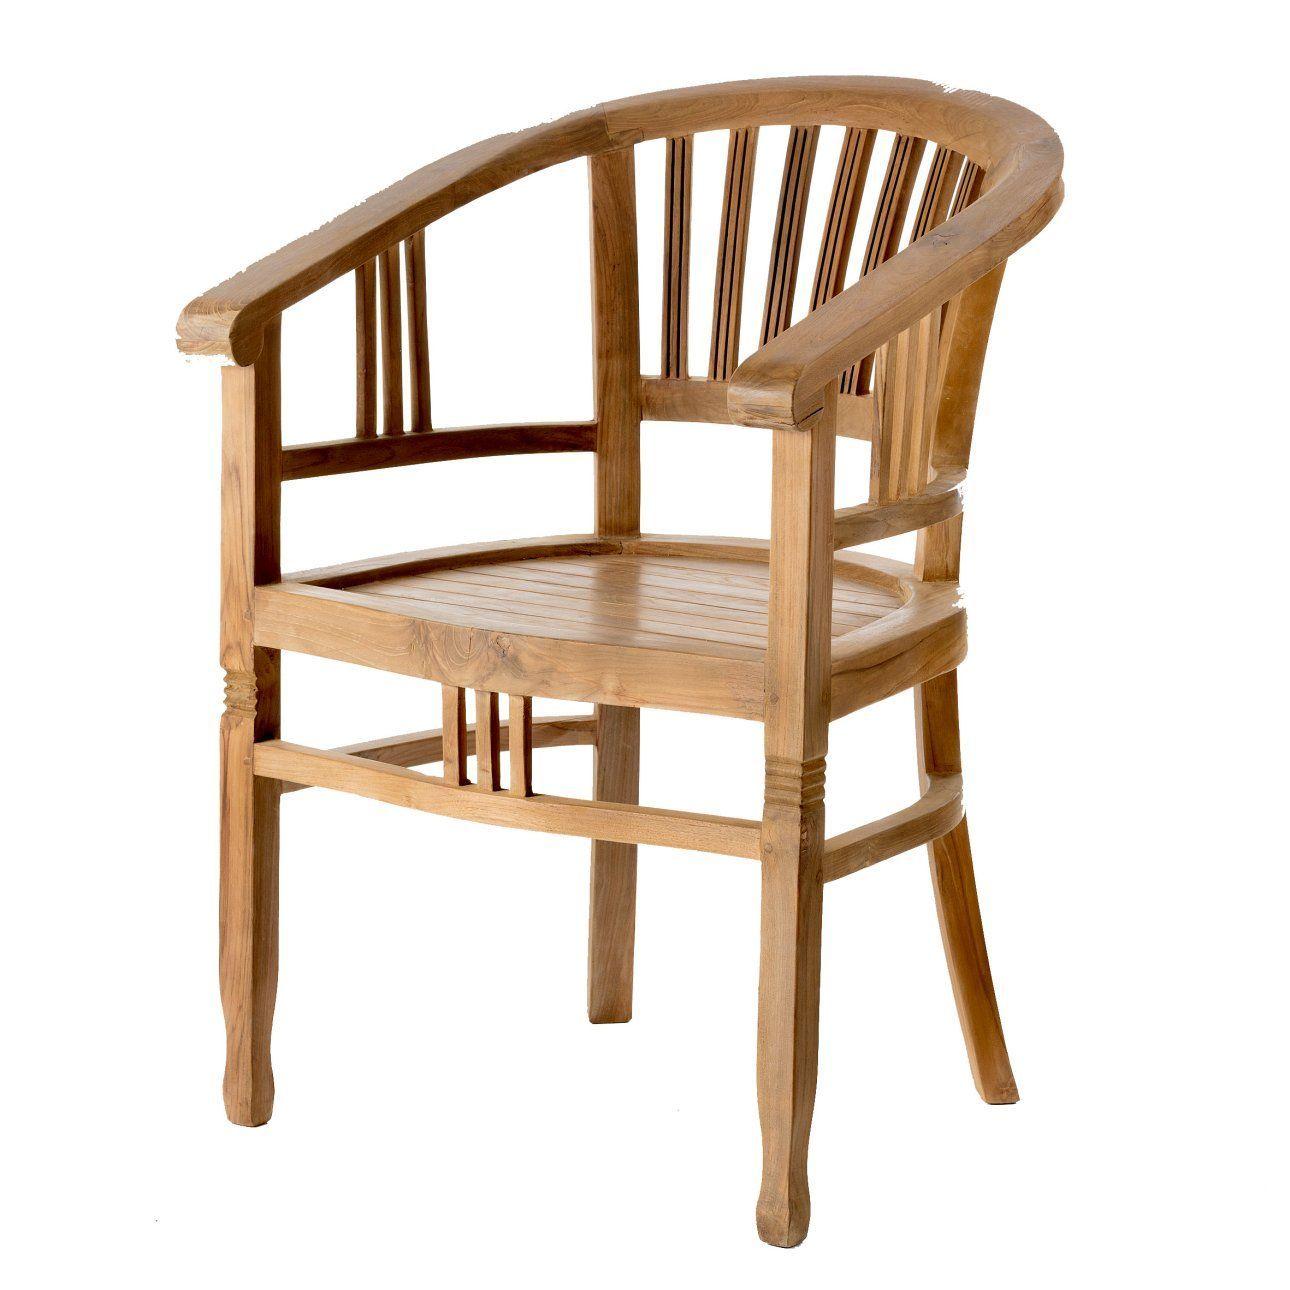 Krzesla I Taborety Do Kuchni Krzesla Drewniane Do Jadalni Allegro Nowoczesne Biale Krzesla Do Kuchni Tanie Krz Outdoor Chairs Outdoor Furniture Furniture